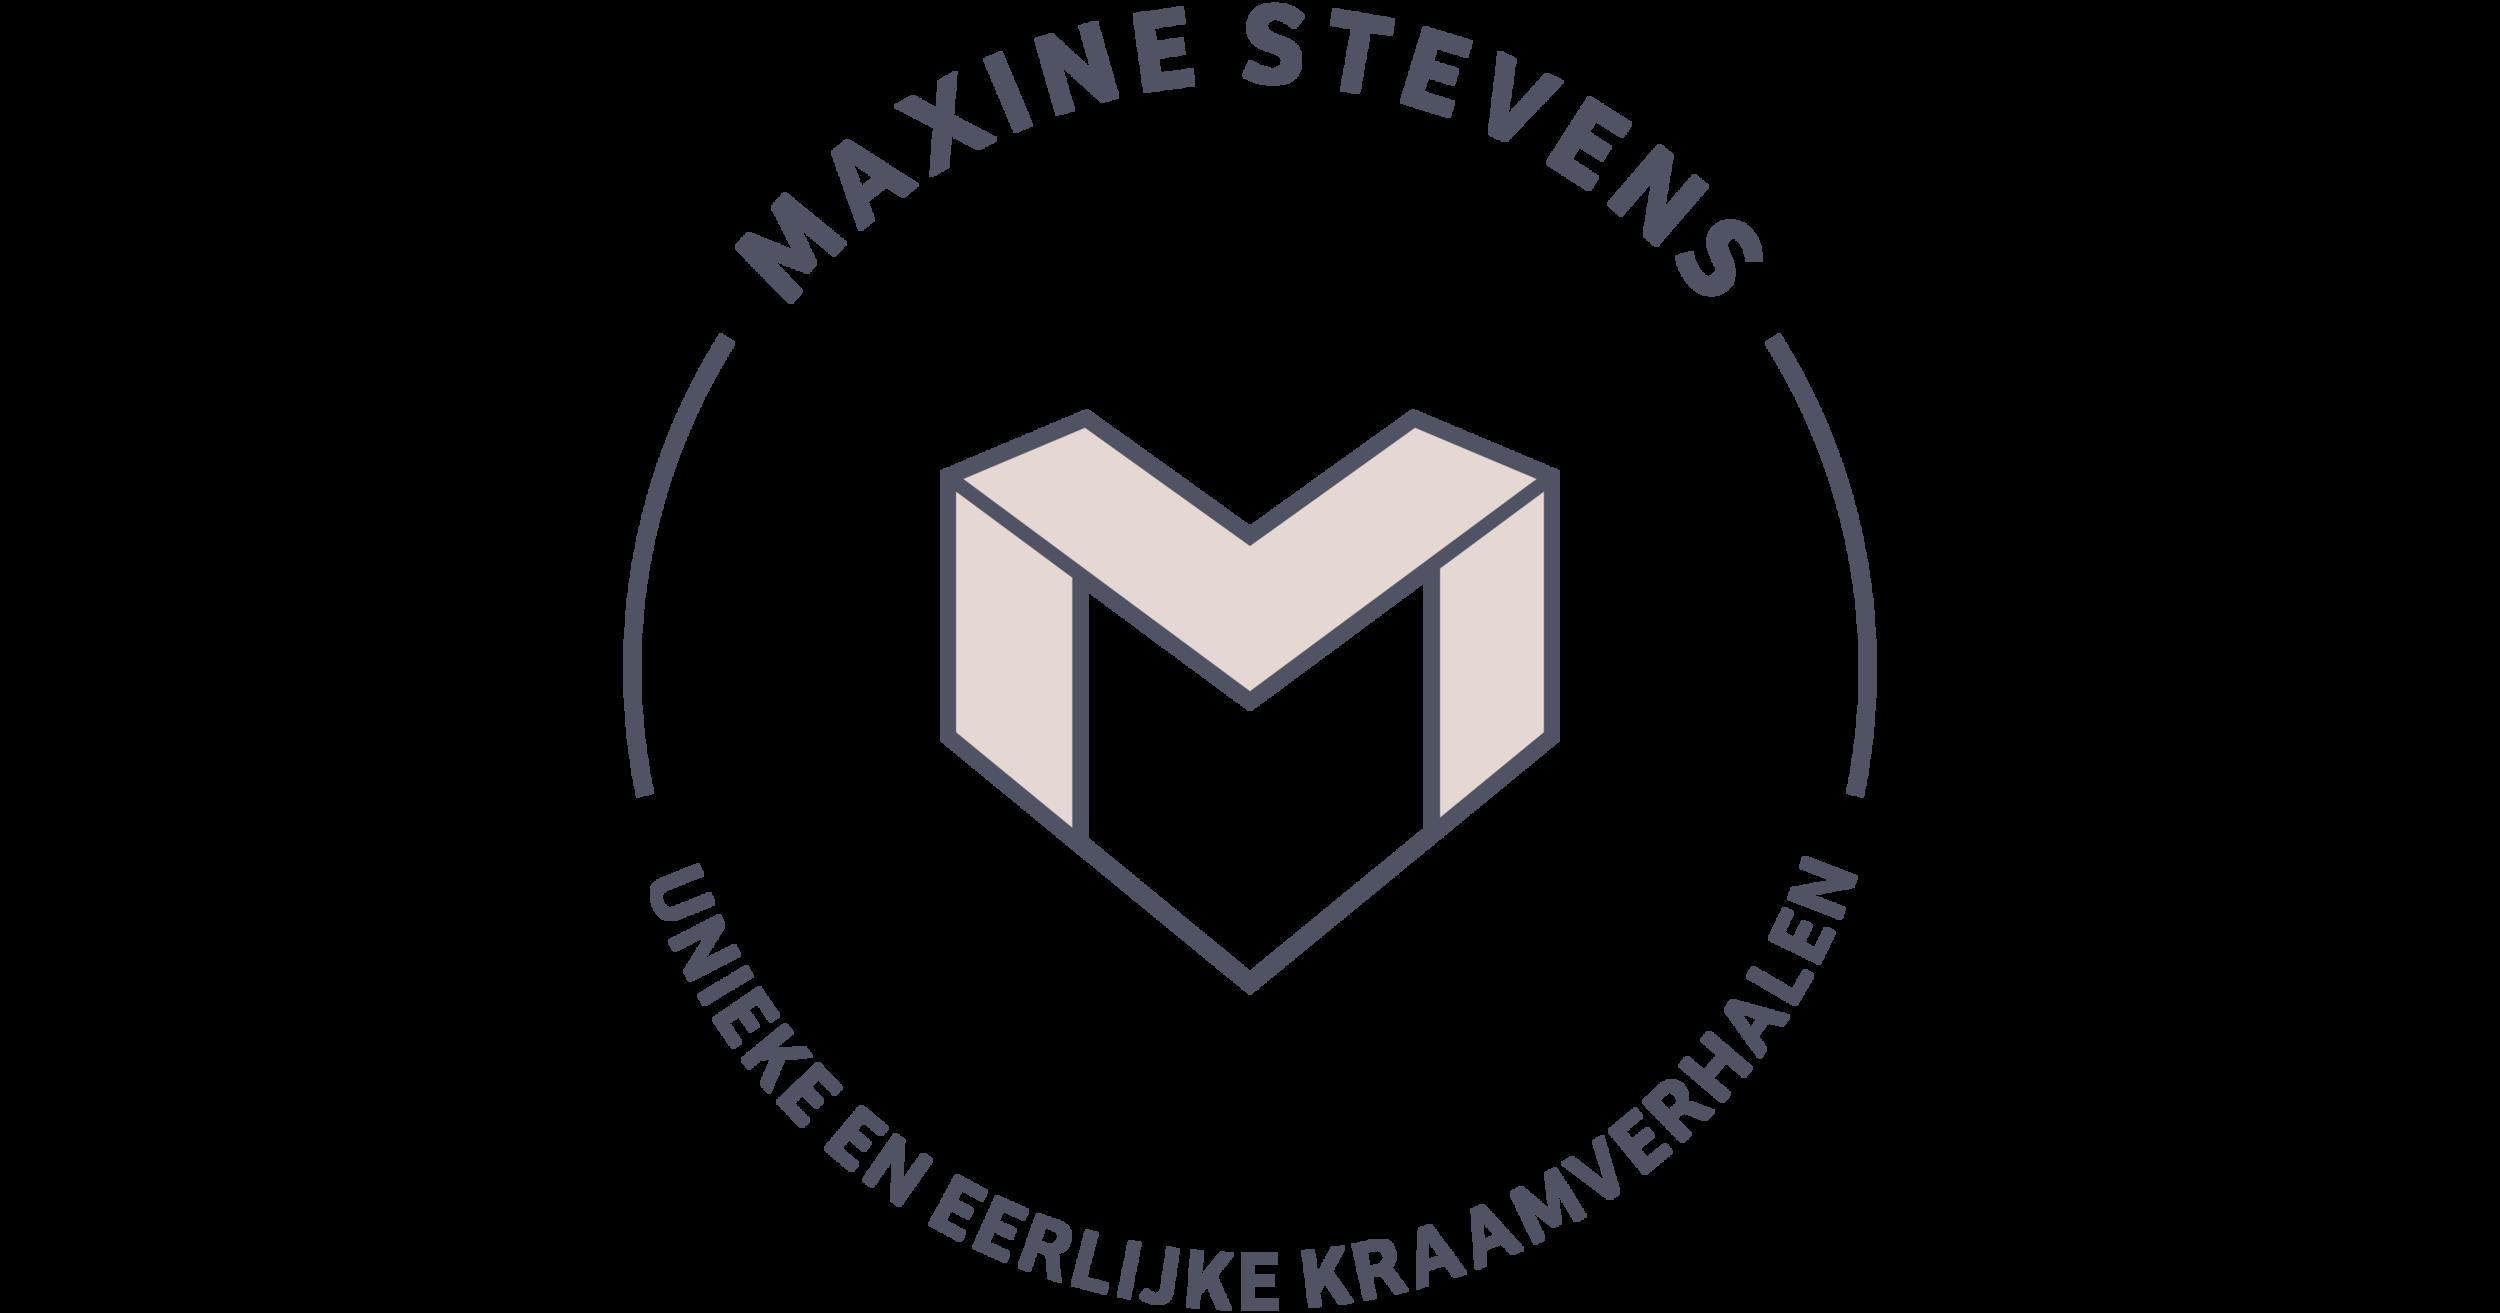 Maxine-Stevens-web-header.png